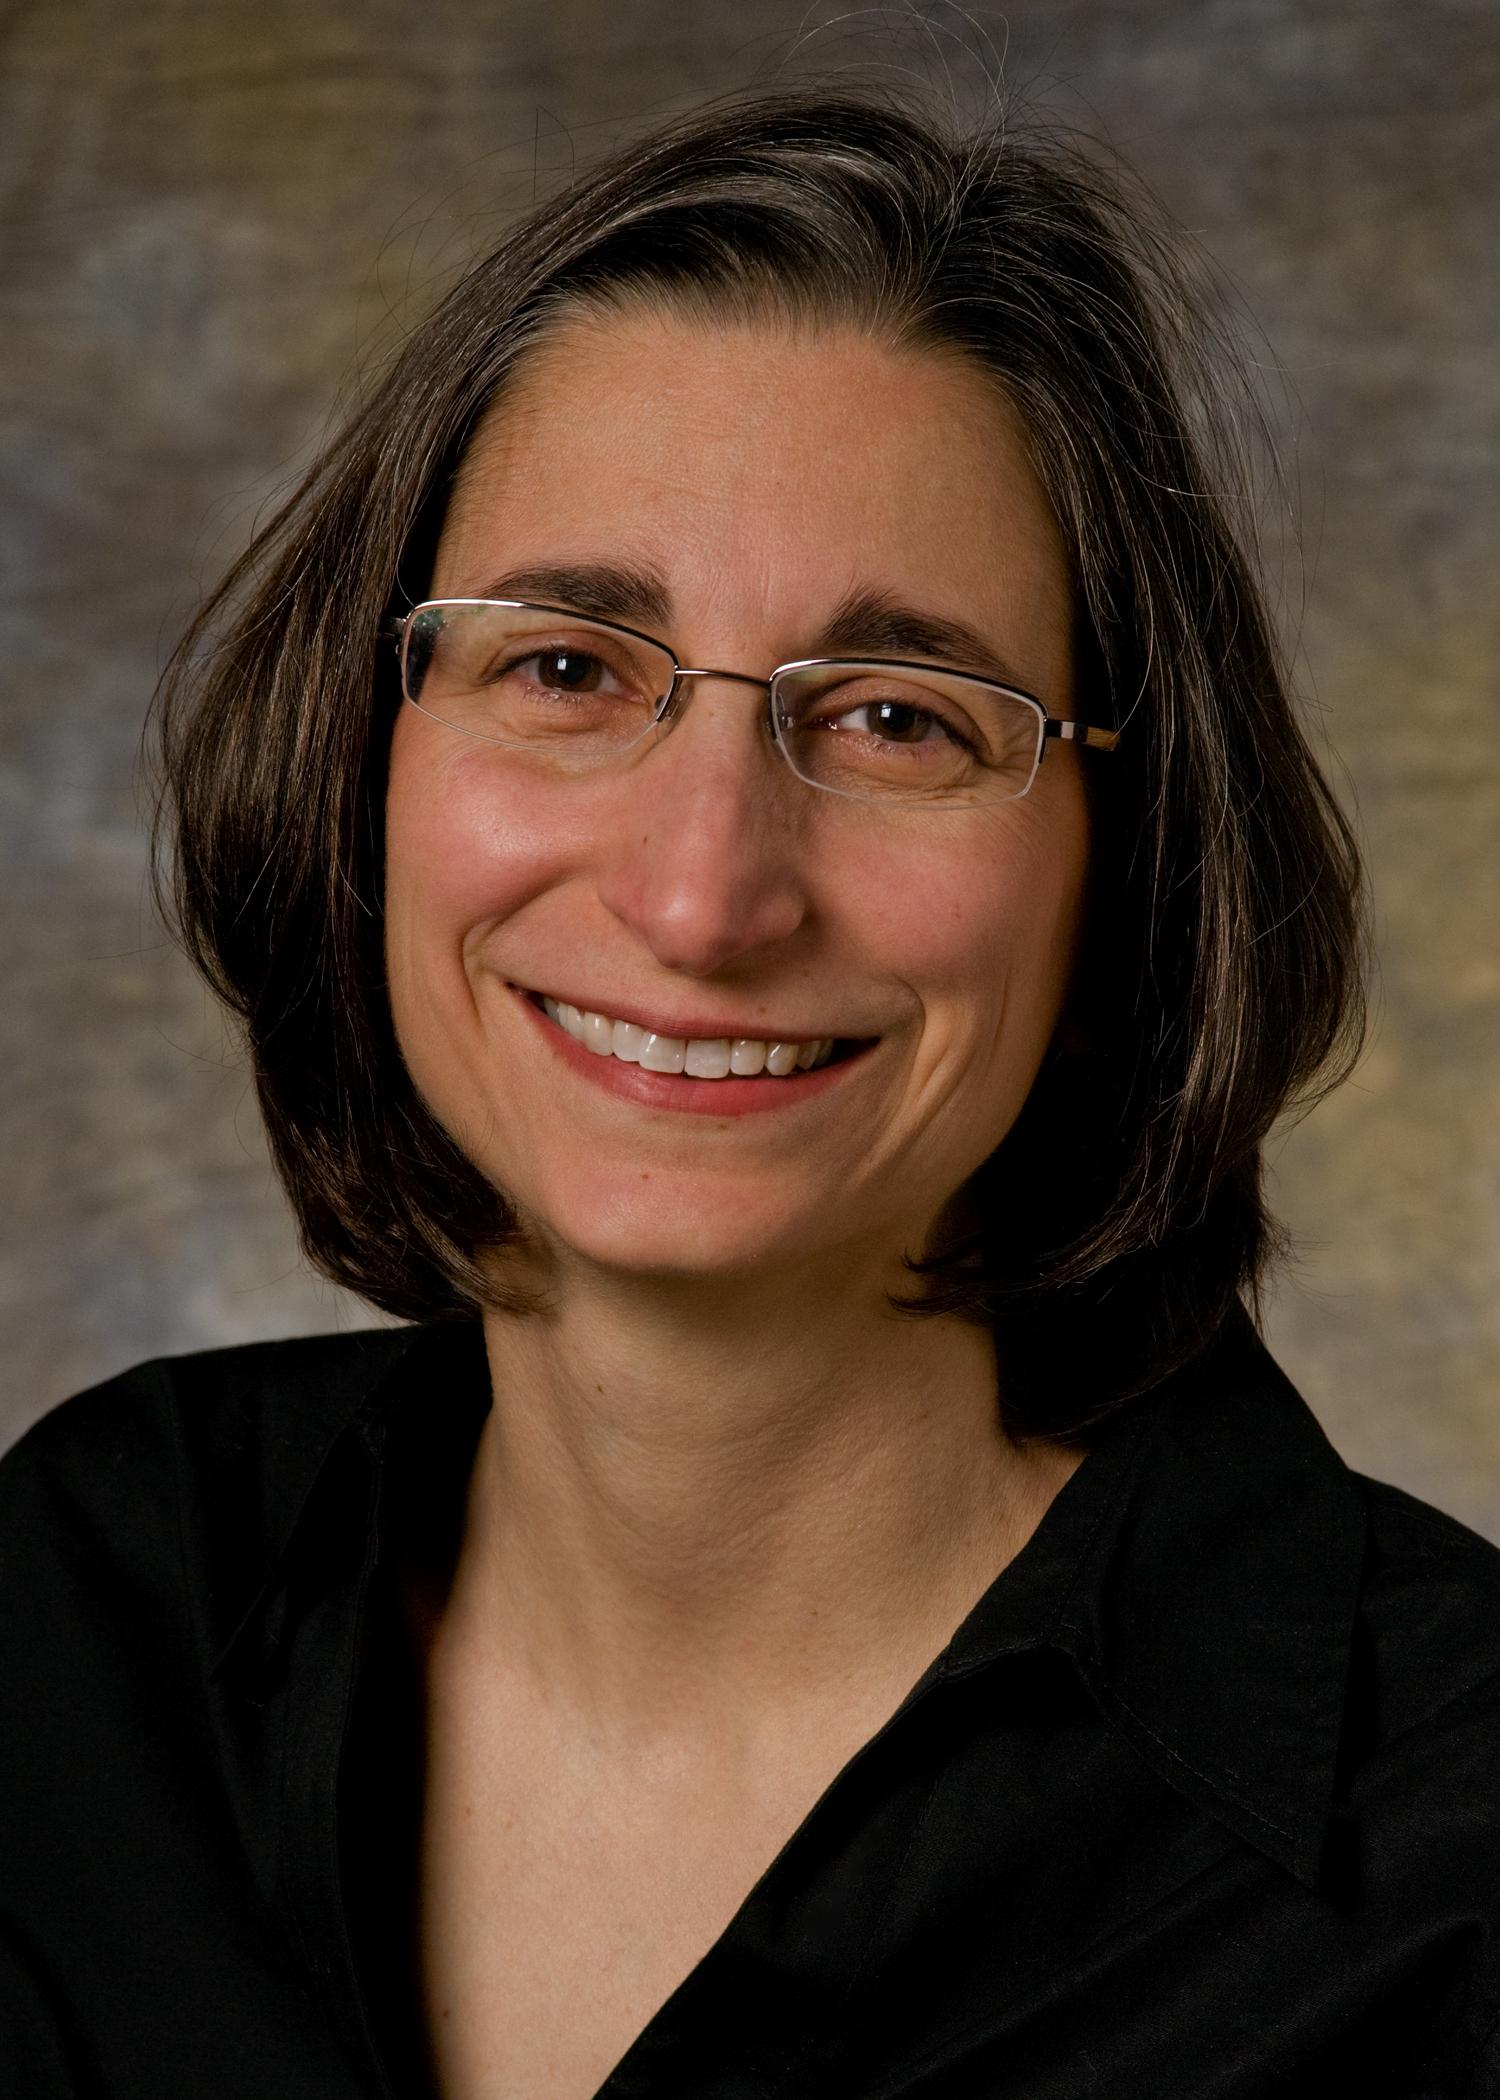 Leah Ceccarelli, professor of communication